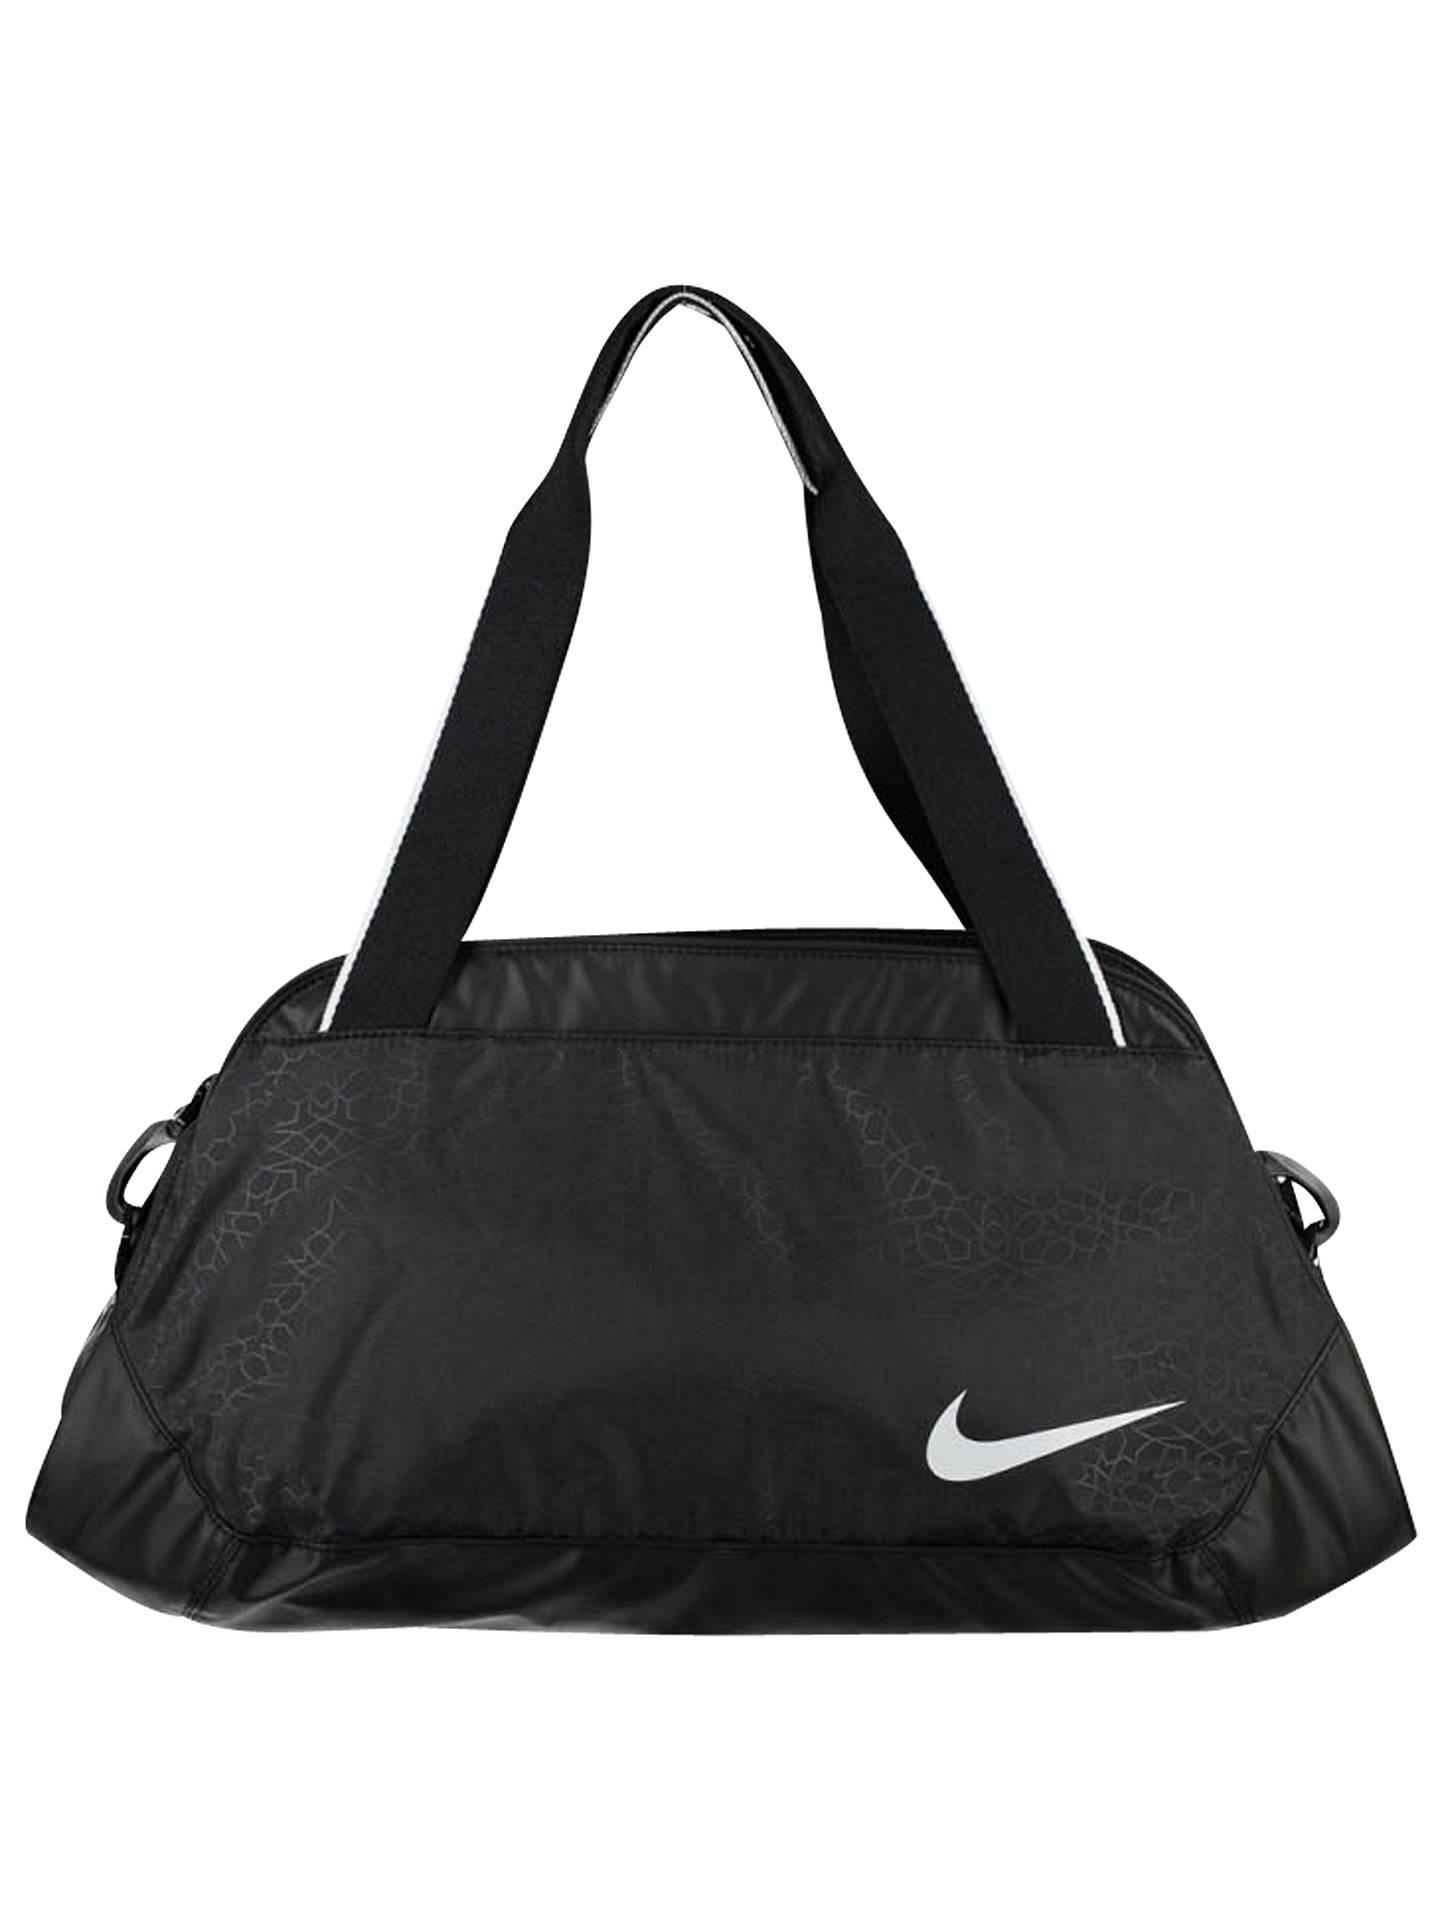 efa824ff71 Buy Nike Legend Club Duffel Bag